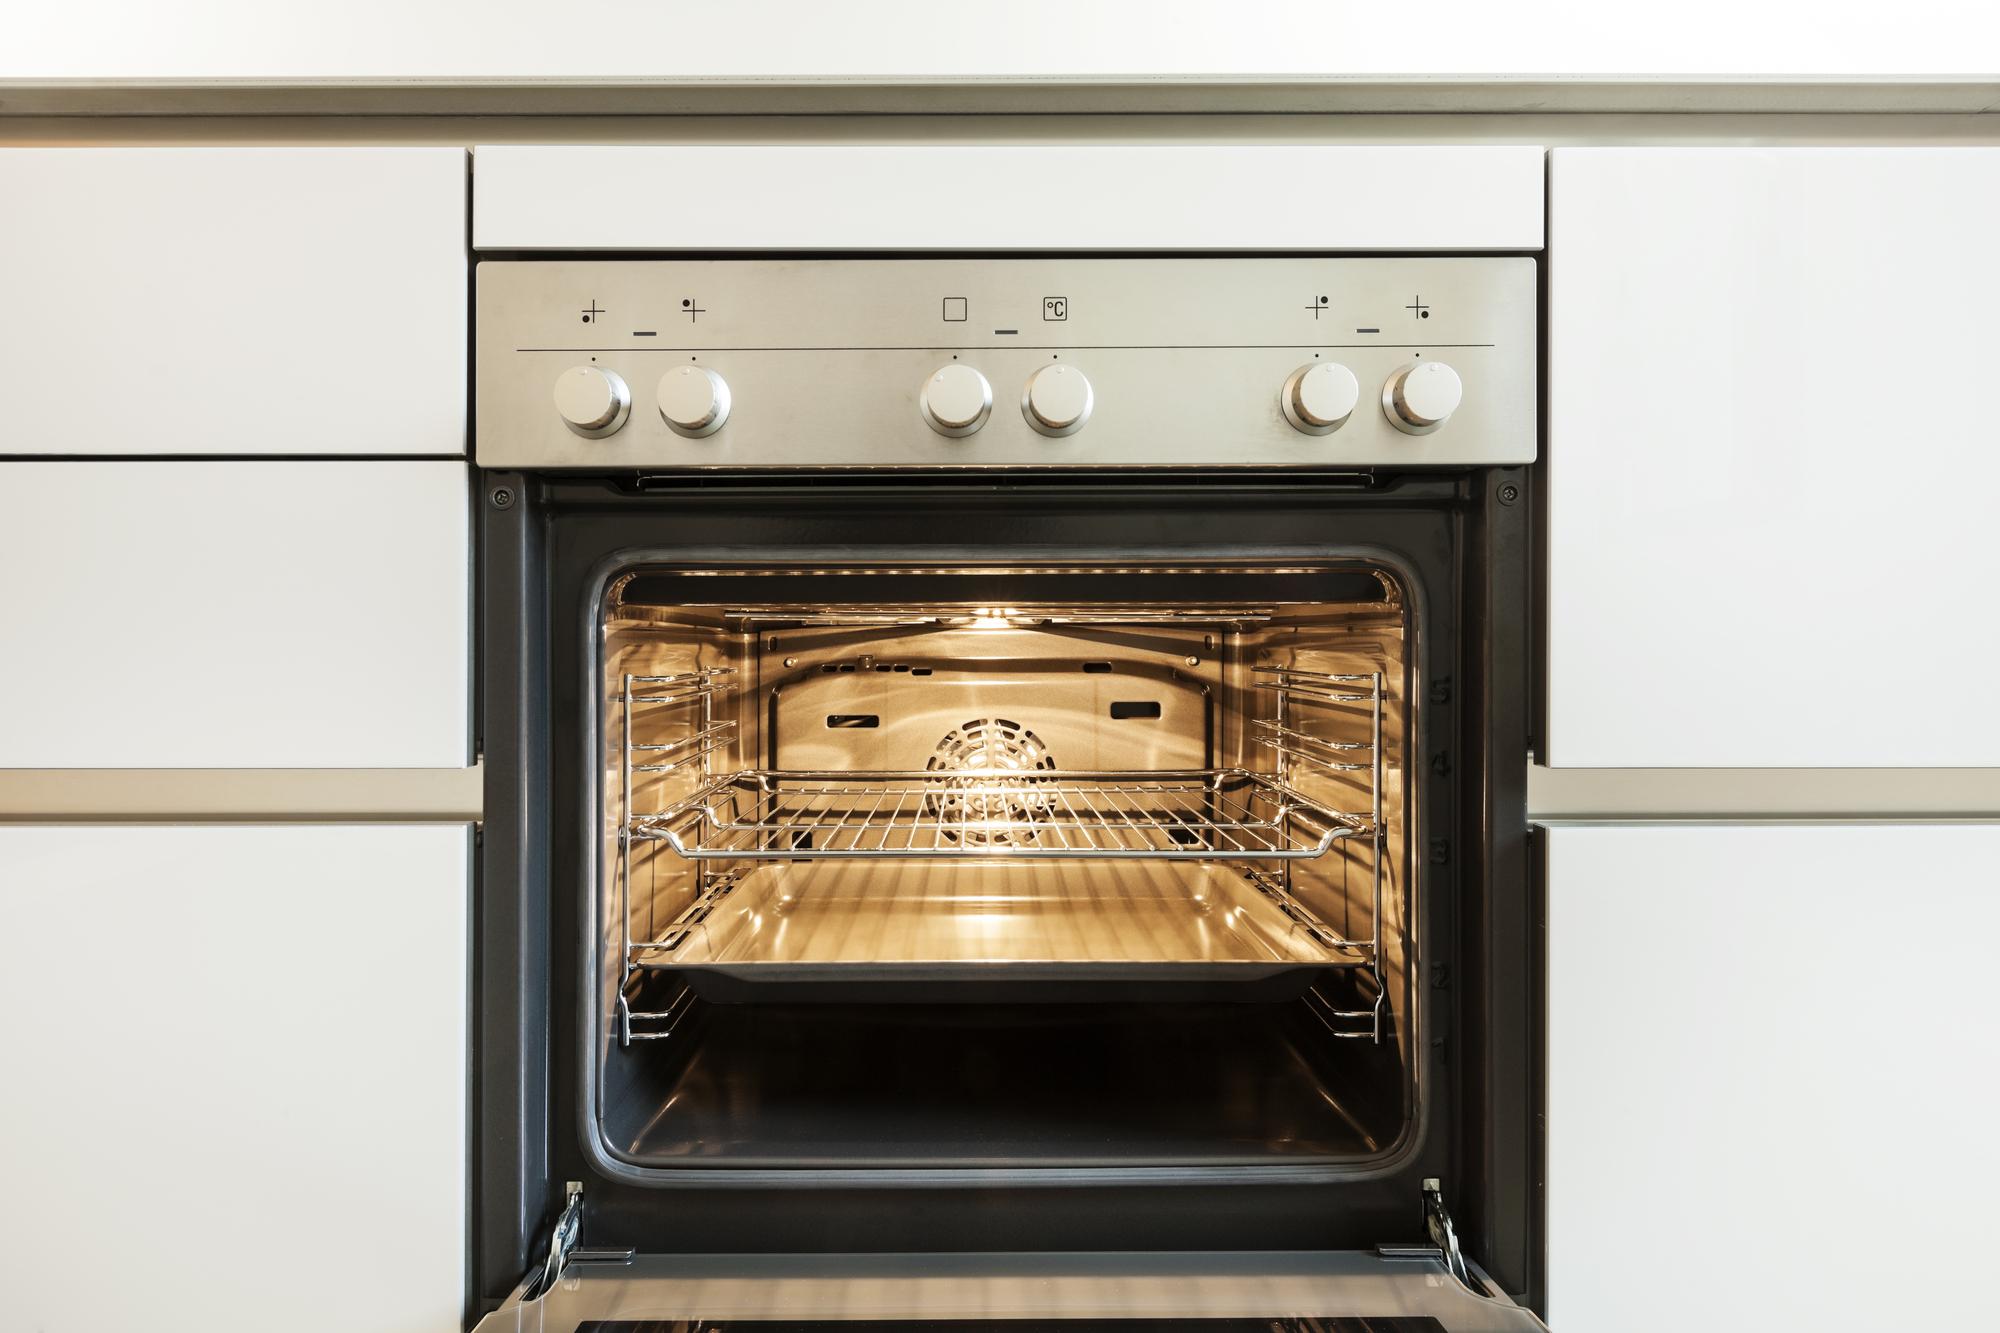 A konyha felújítása során, már jó előre érdemes kiválasztani, milyen sütőt és főzőlapot szeretnénk.